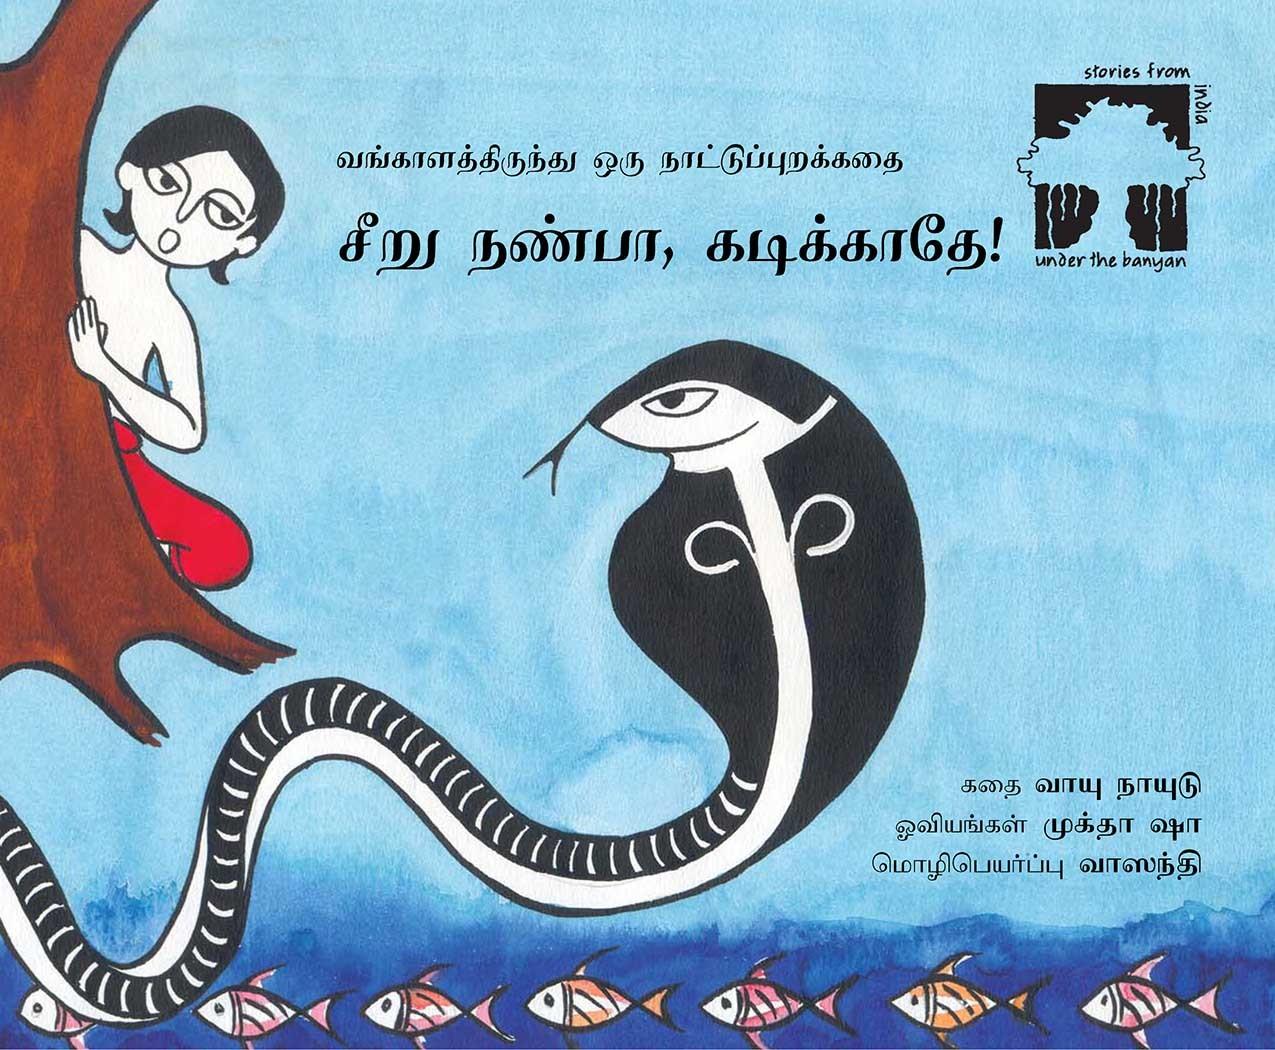 Hiss, Don't Bite/Siru Nanba, Kadikathey (Tamil)